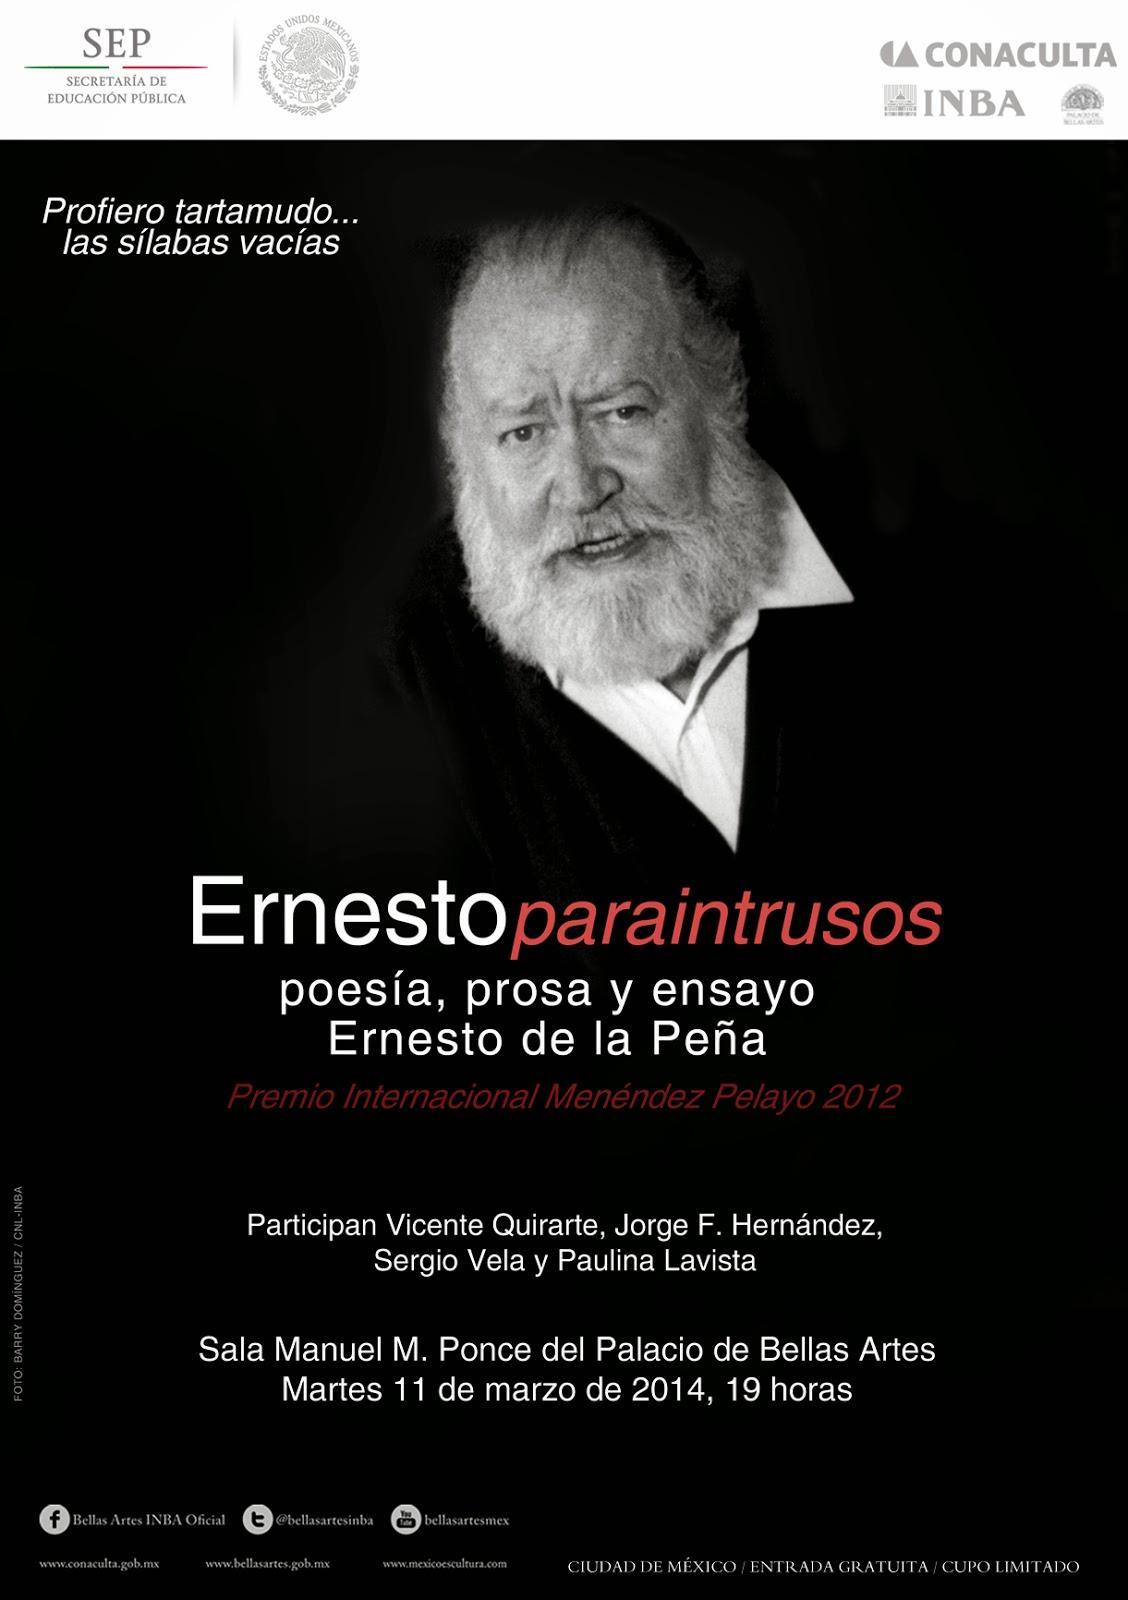 Recuerdan a Ernesto de la Peña en el Palacio de Bellas Artes